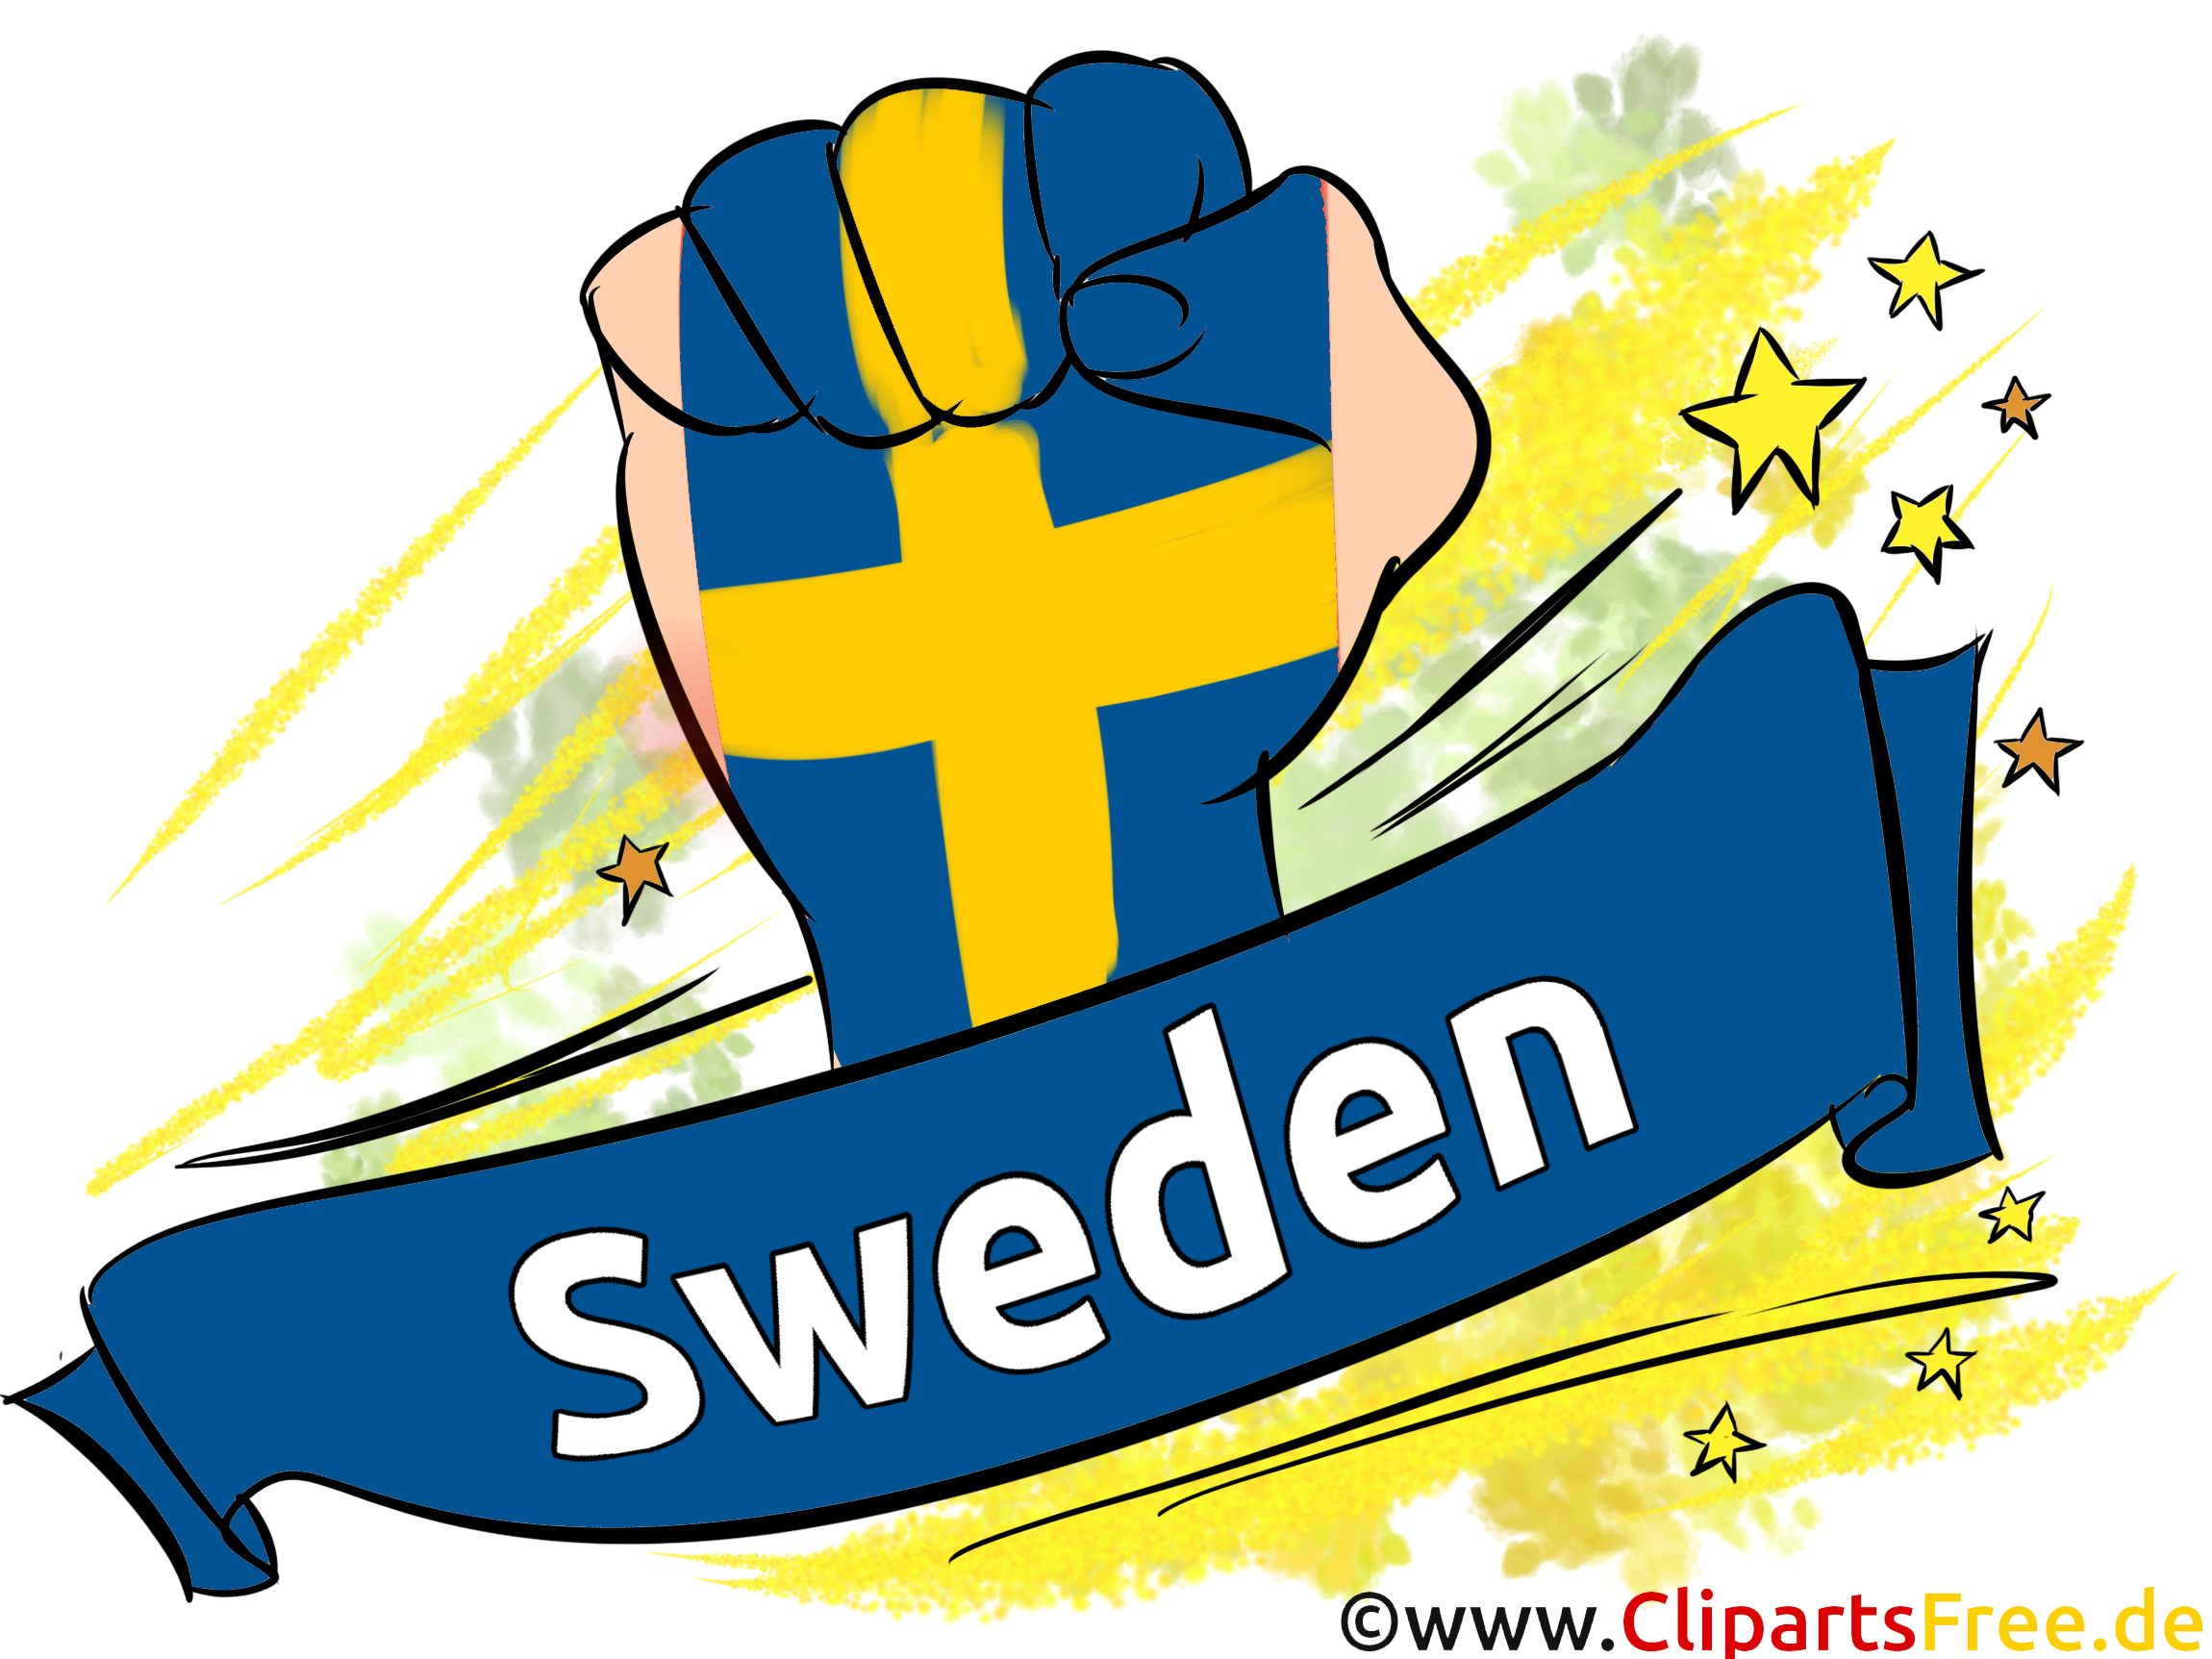 Clip art Suède Images Football pour télécharger